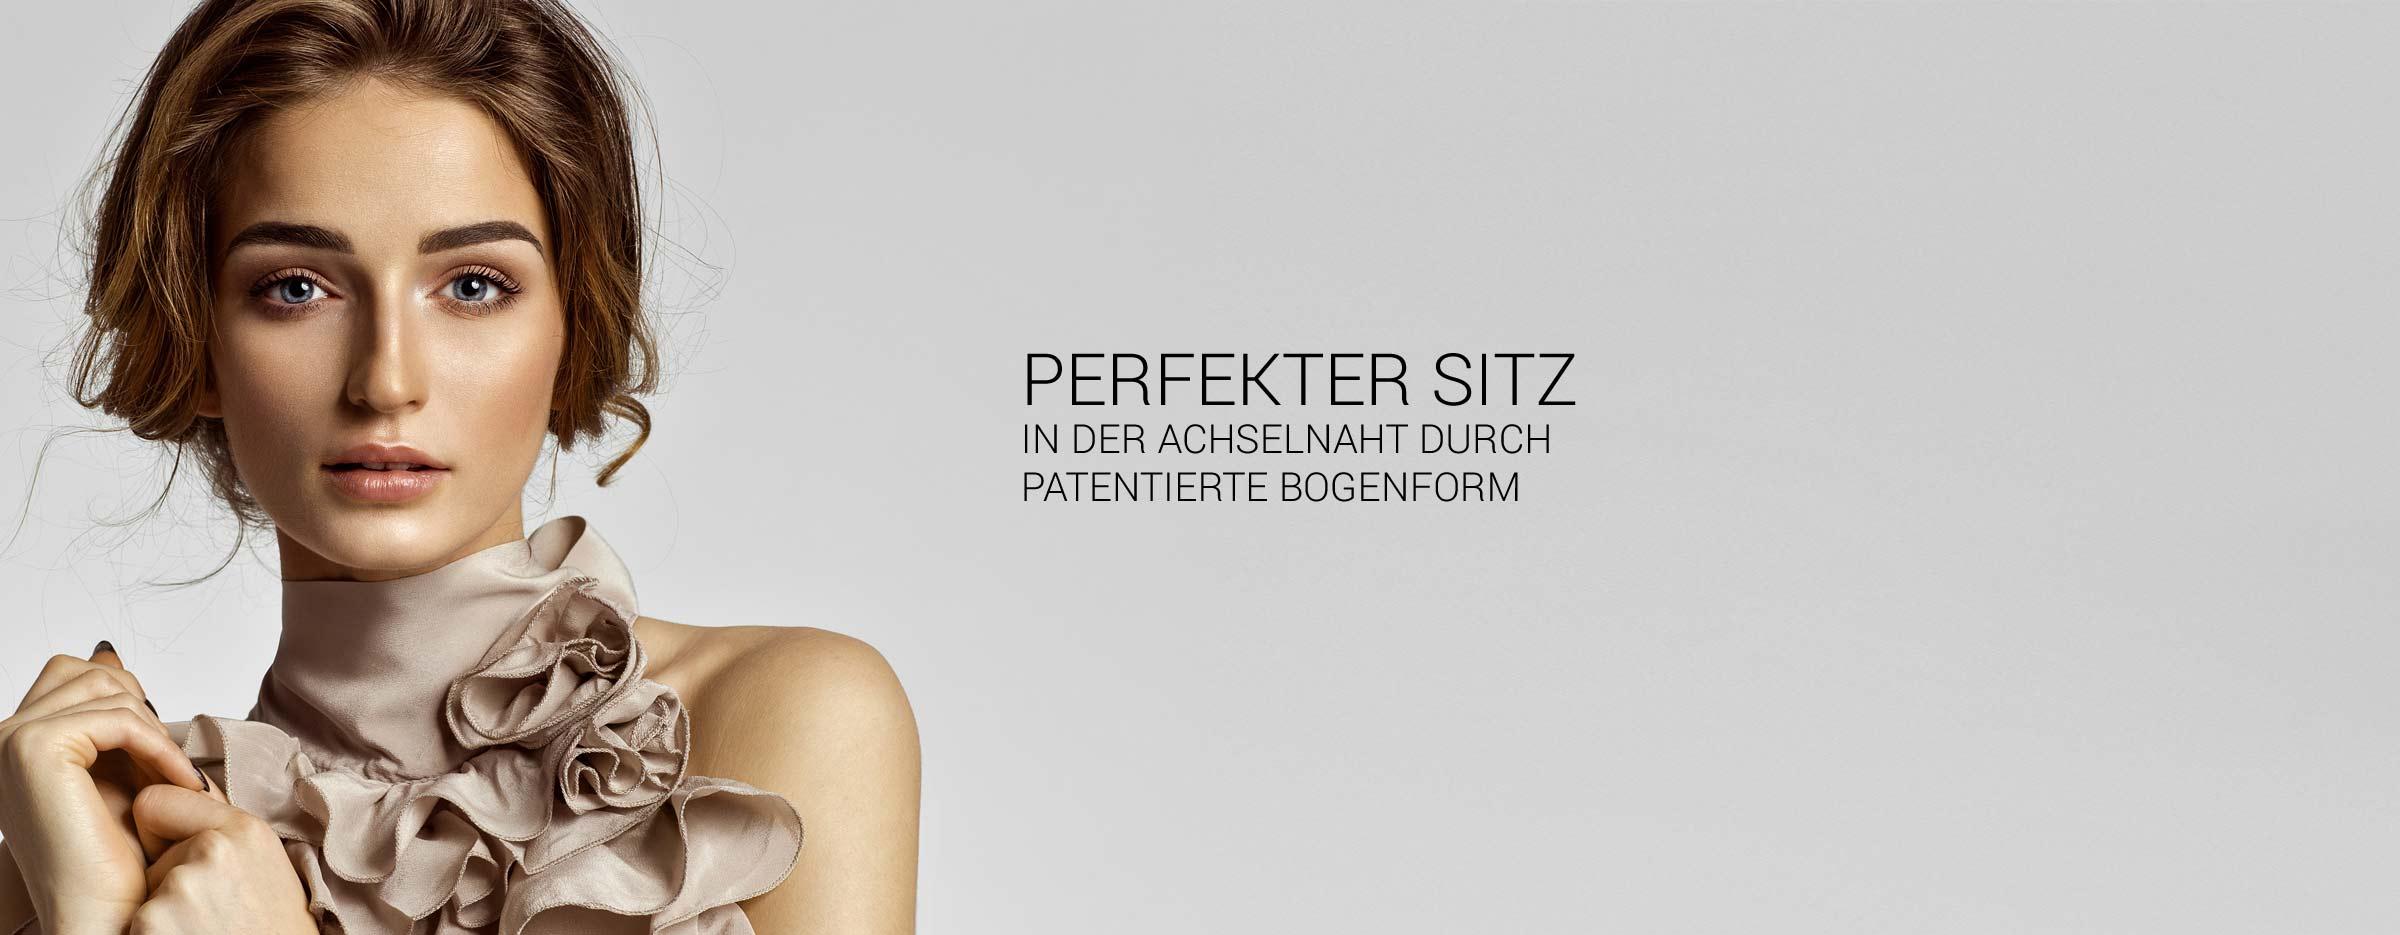 Achselpads von softwings -perfekter Sitz durch patentierte Passform